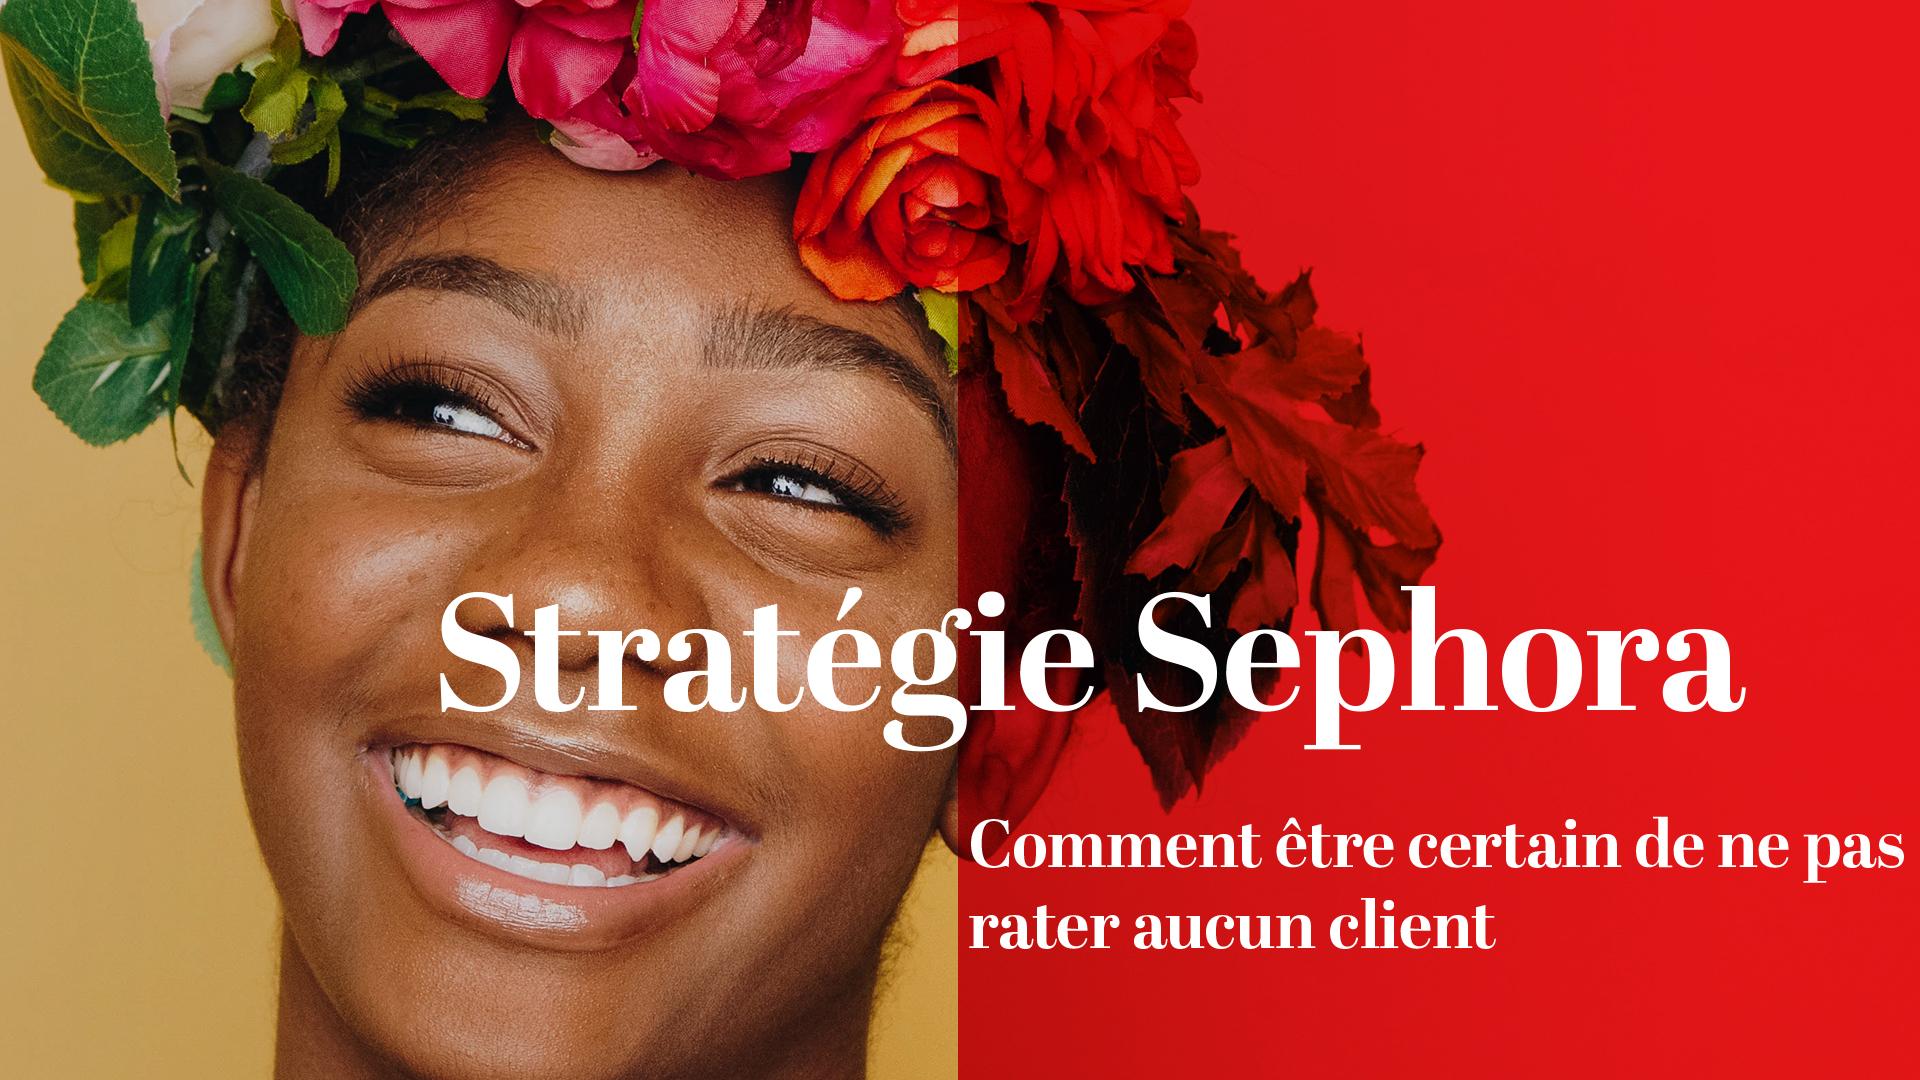 Comment être certain de ne pas rater aucun client : stratégie Sephora !